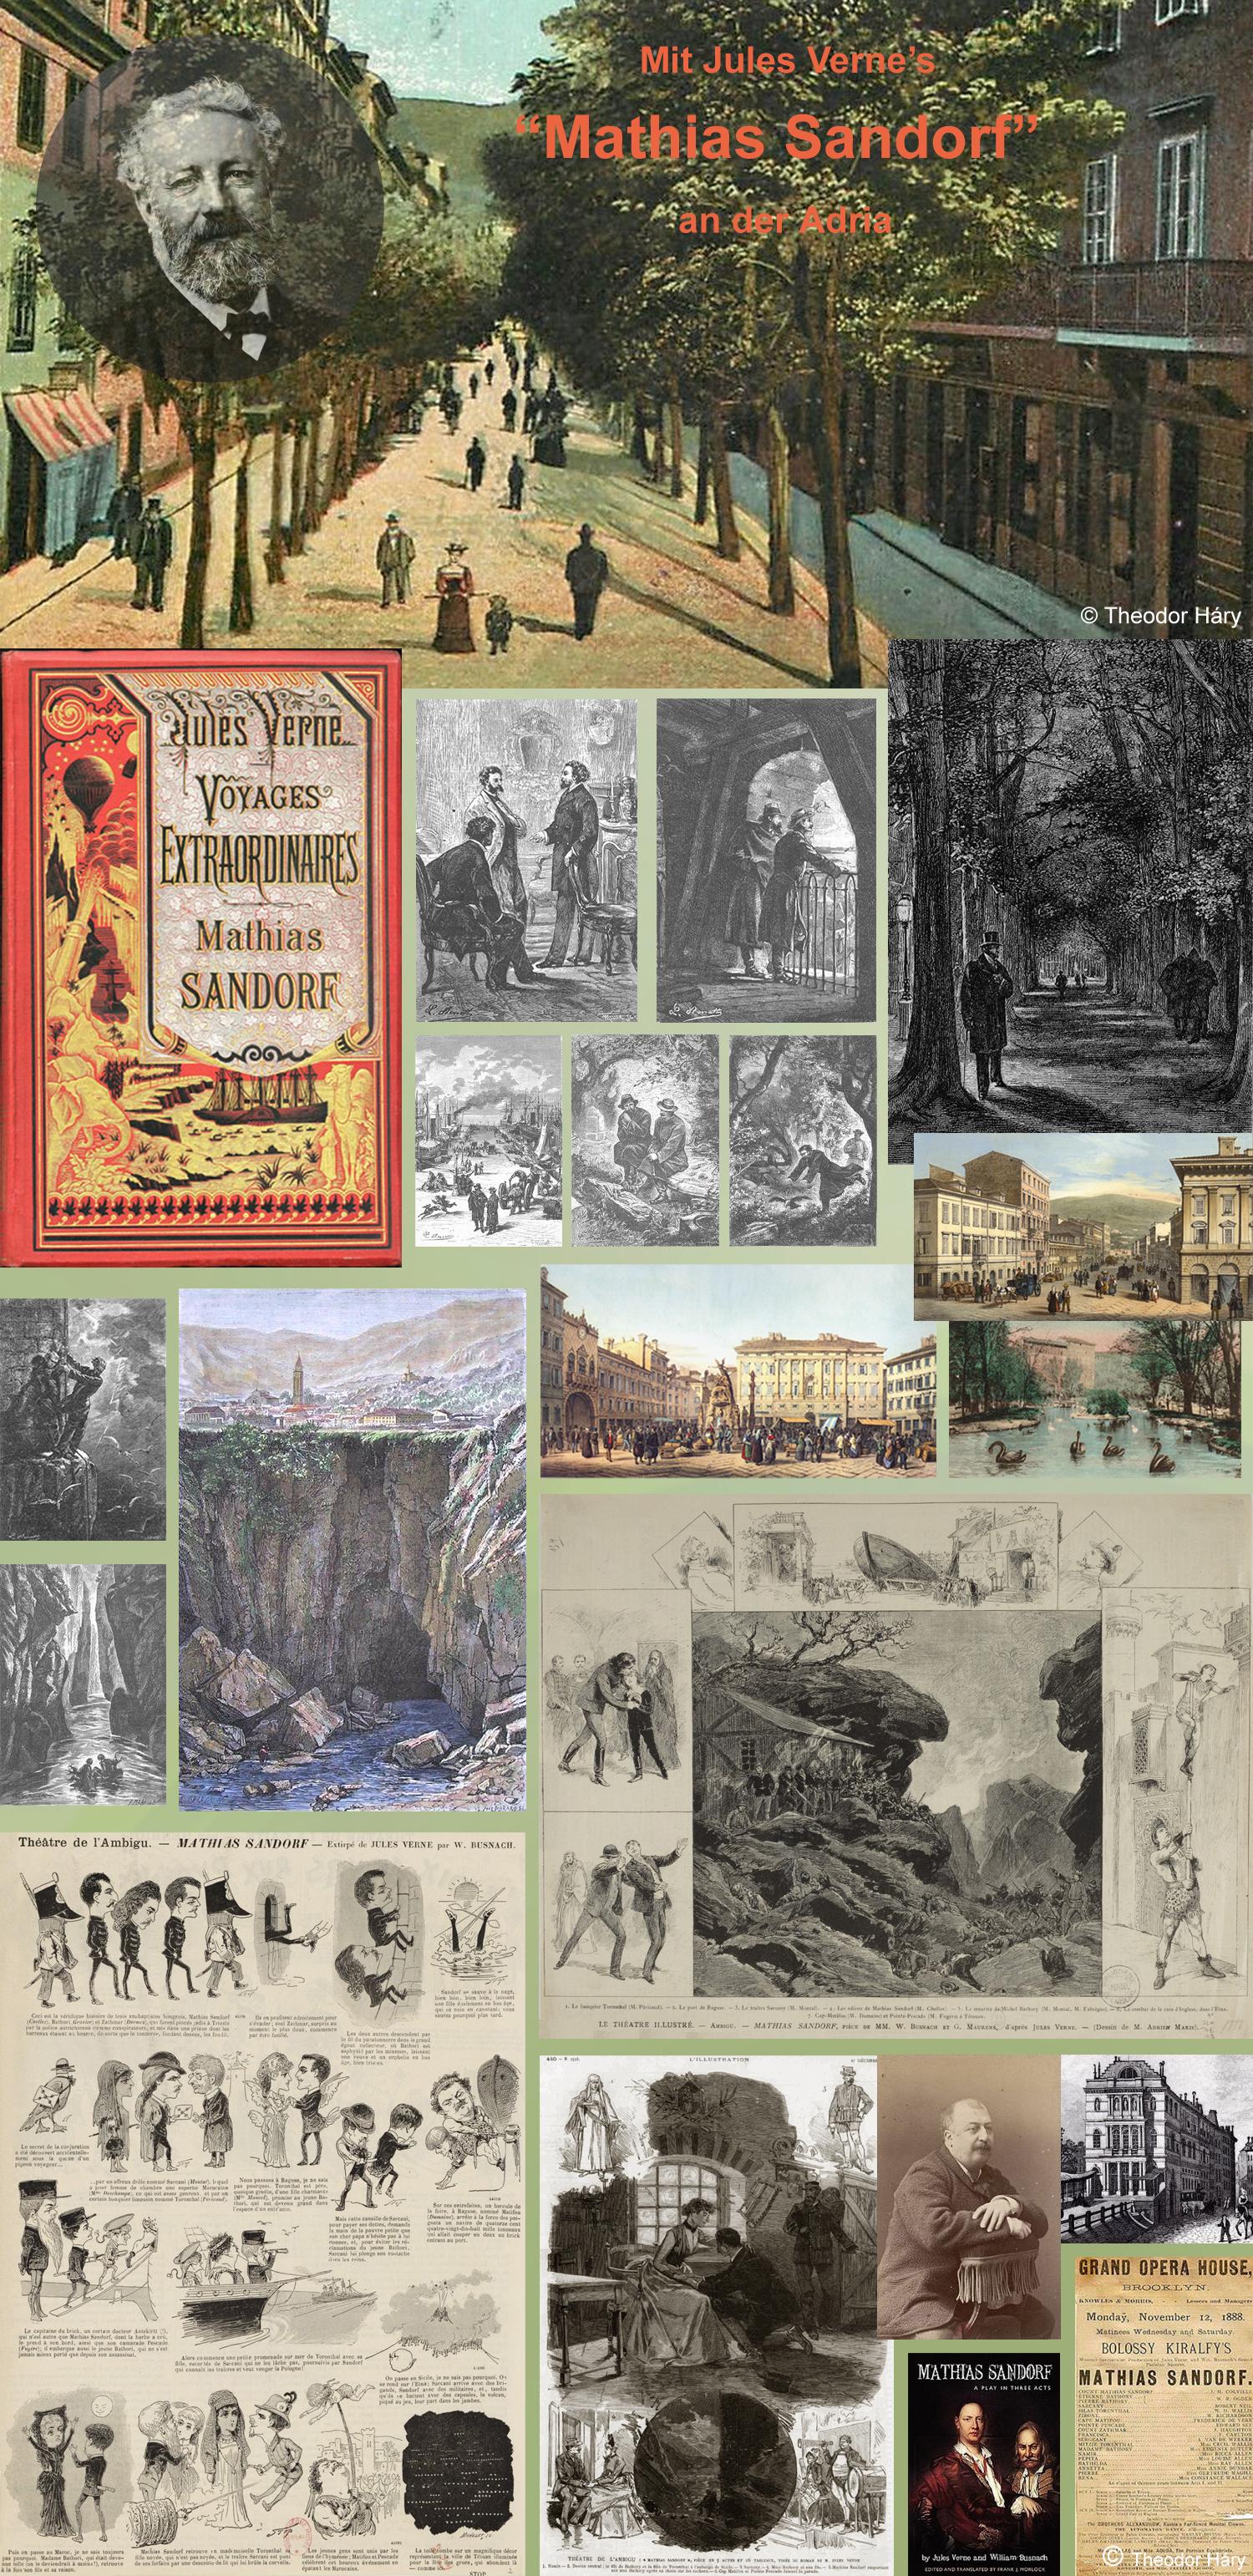 Homoerotik an der Adria - Mit Jules Verne's 'Mathias Sandorf' an der Adria